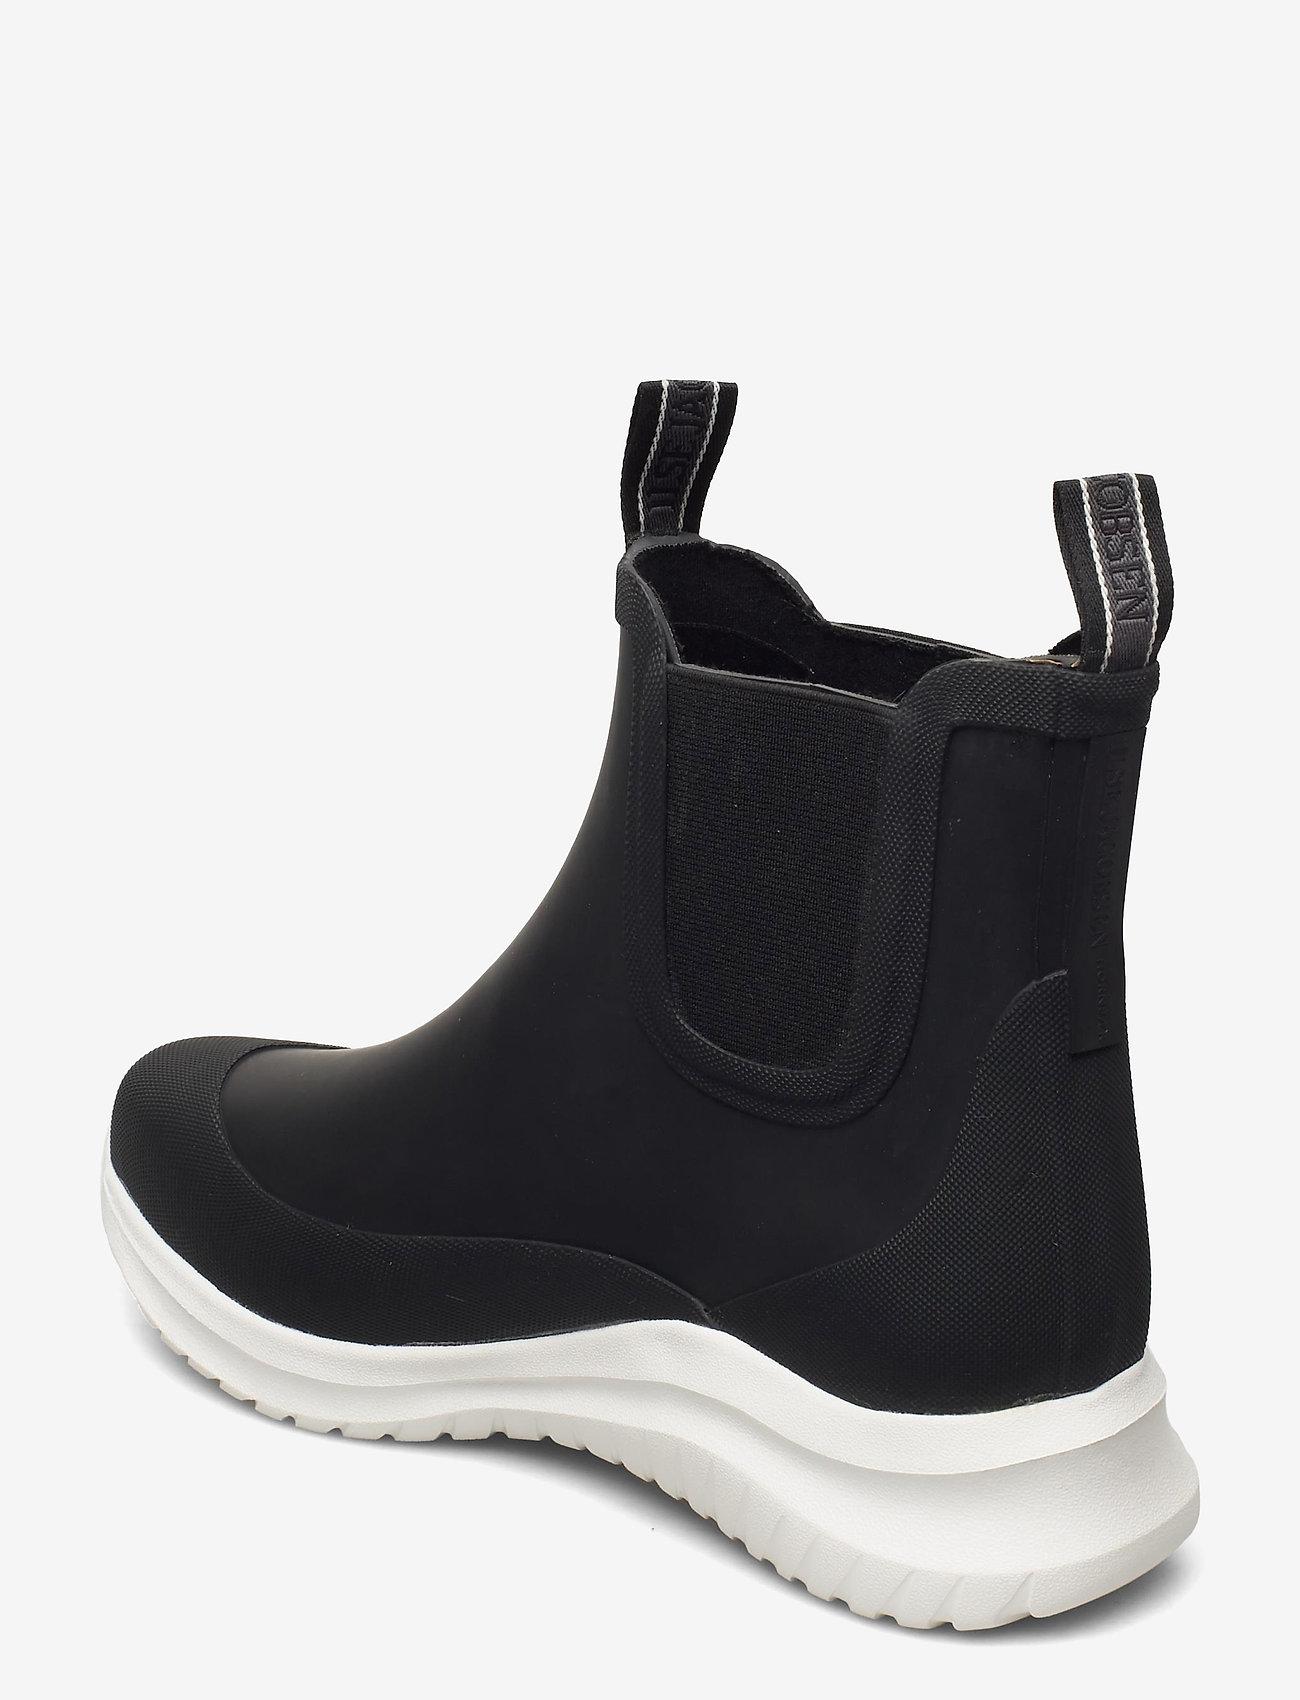 Ilse Jacobsen - Short rubber boots - buty - black - 2